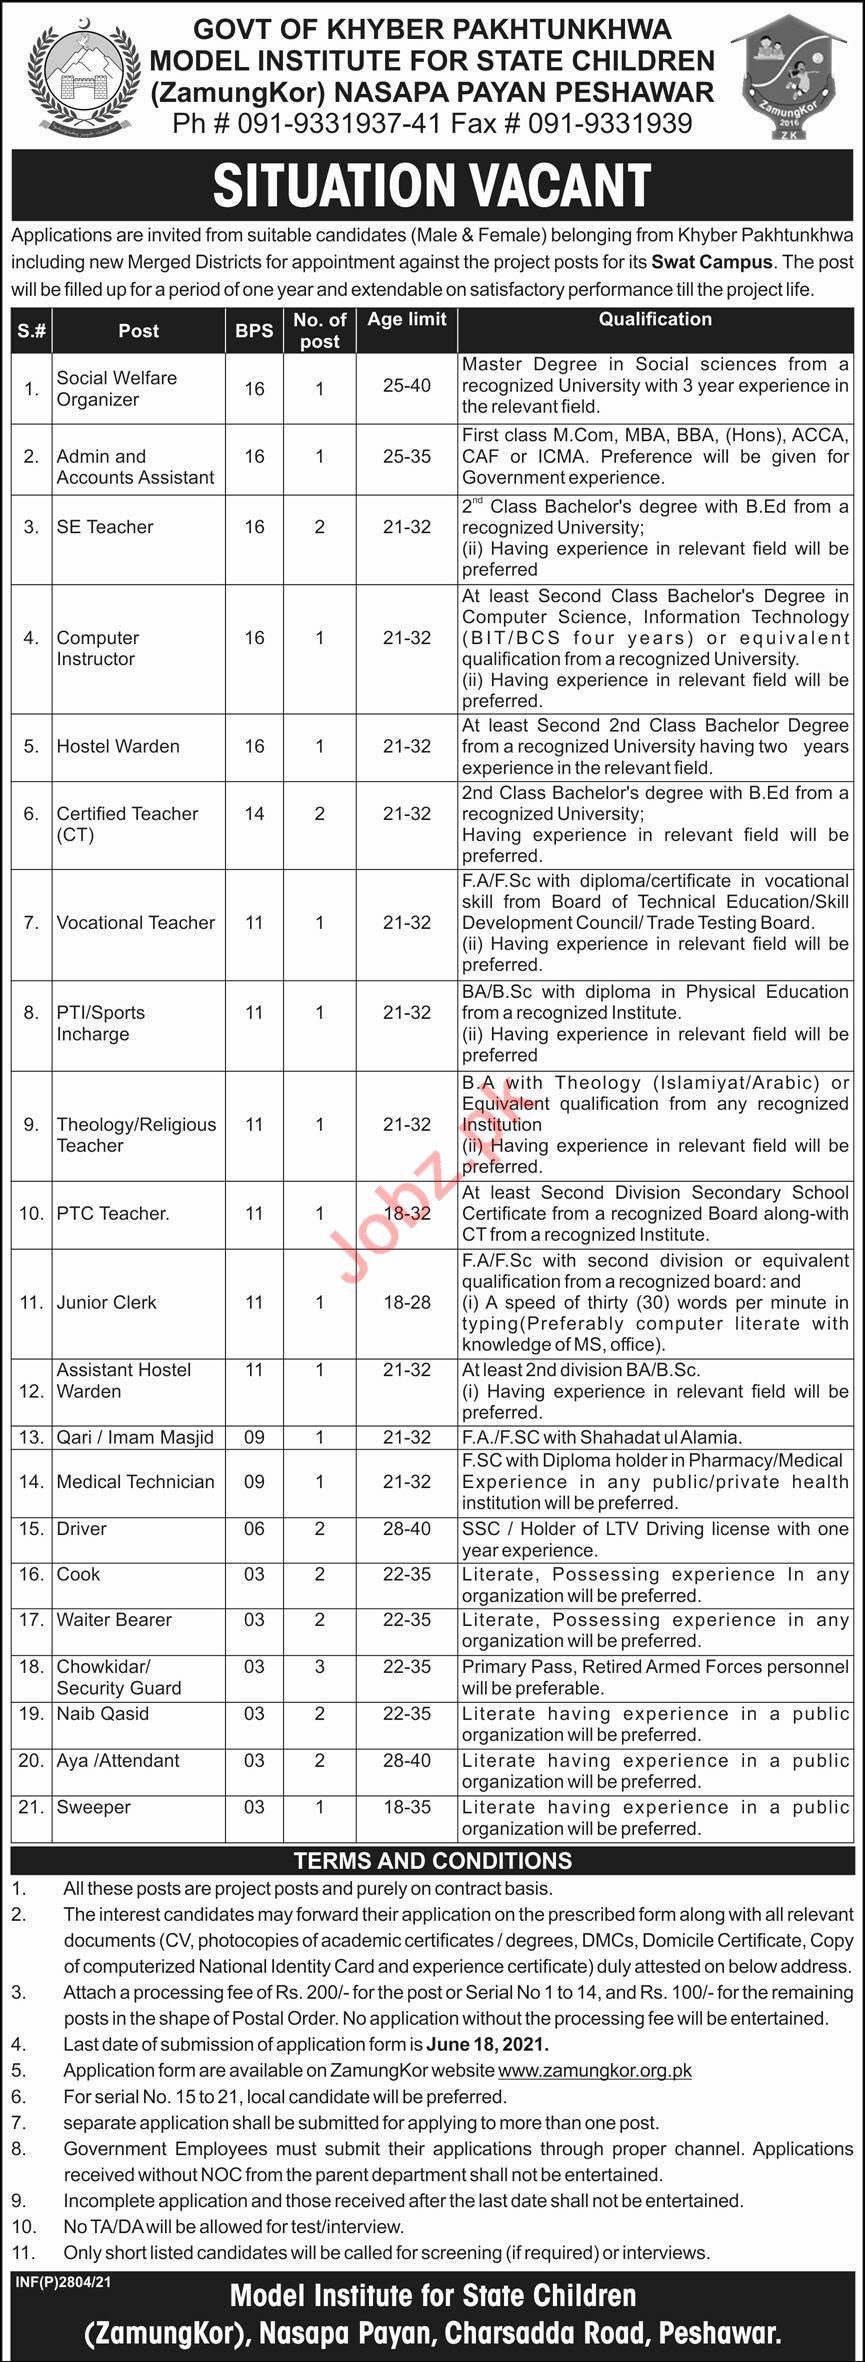 Model Institute for State Children Zamung Kor Peshawar Jobs